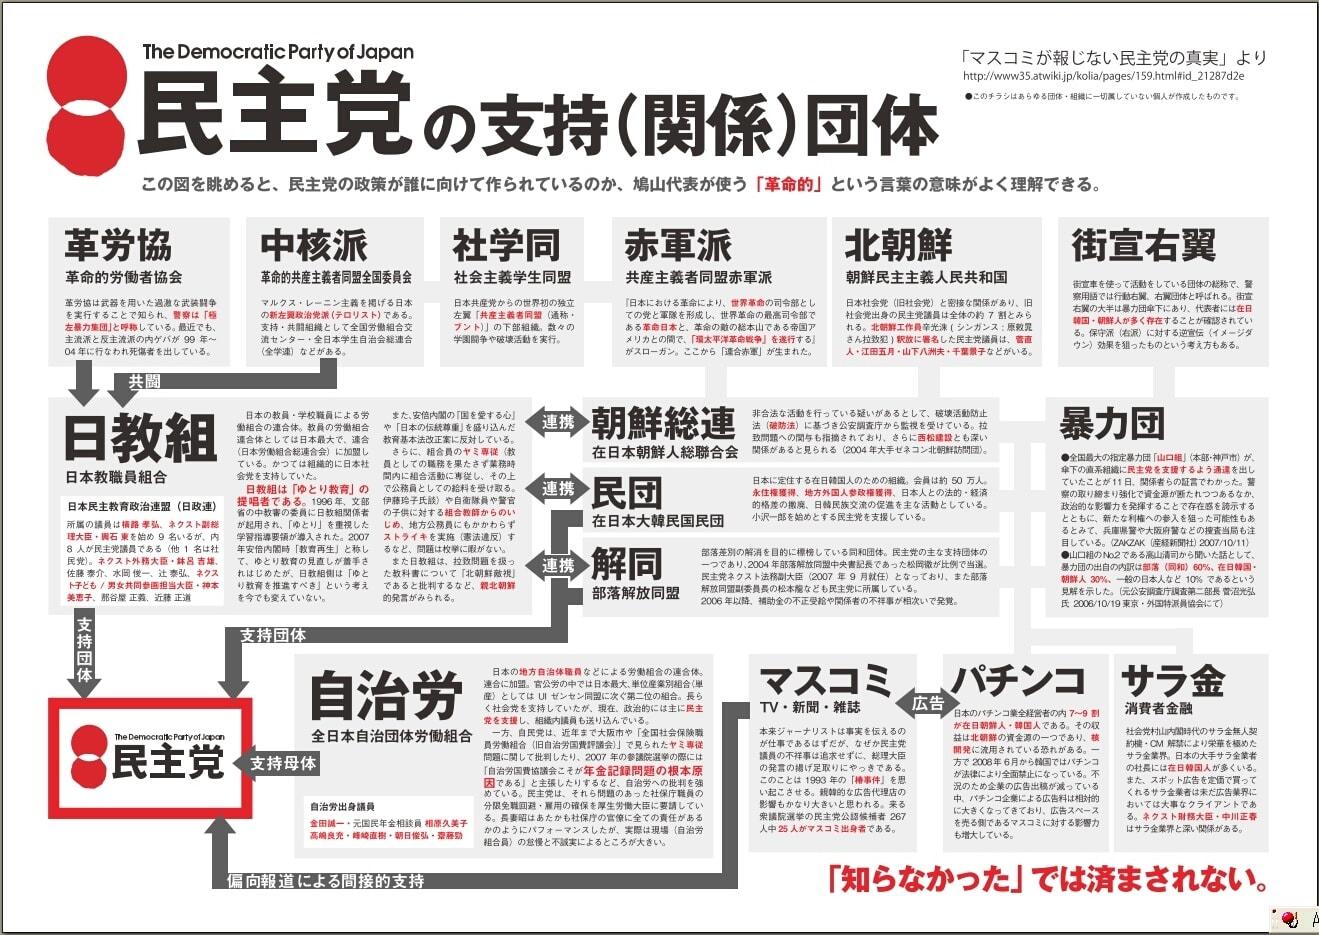 """kekkoukamen 3D 菅の政治団体の""""過激派""""への政治献金問題"""